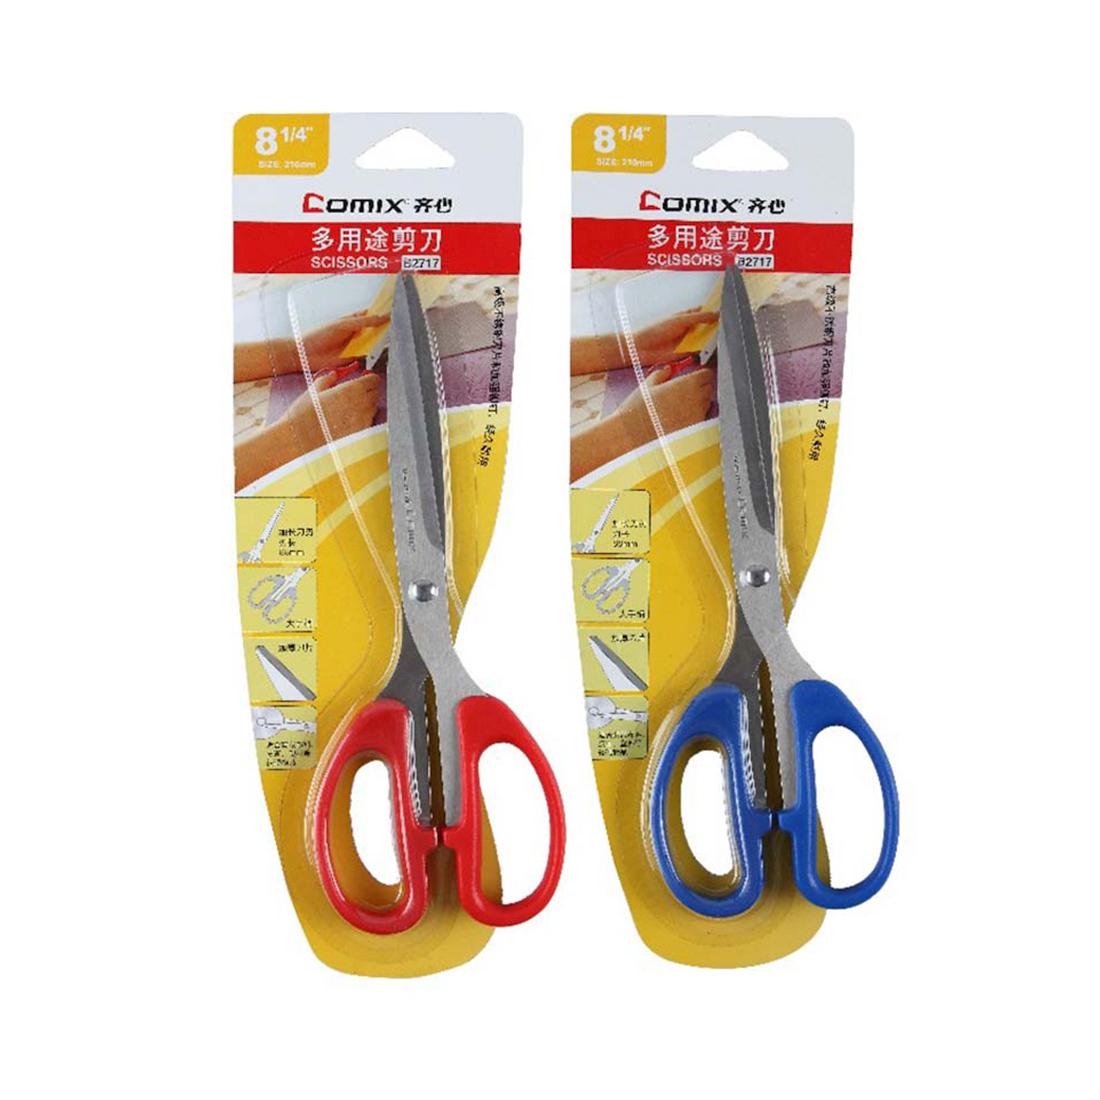 Ножницы канцелярские Comix B2717, 208 мм.(8 1 / 4